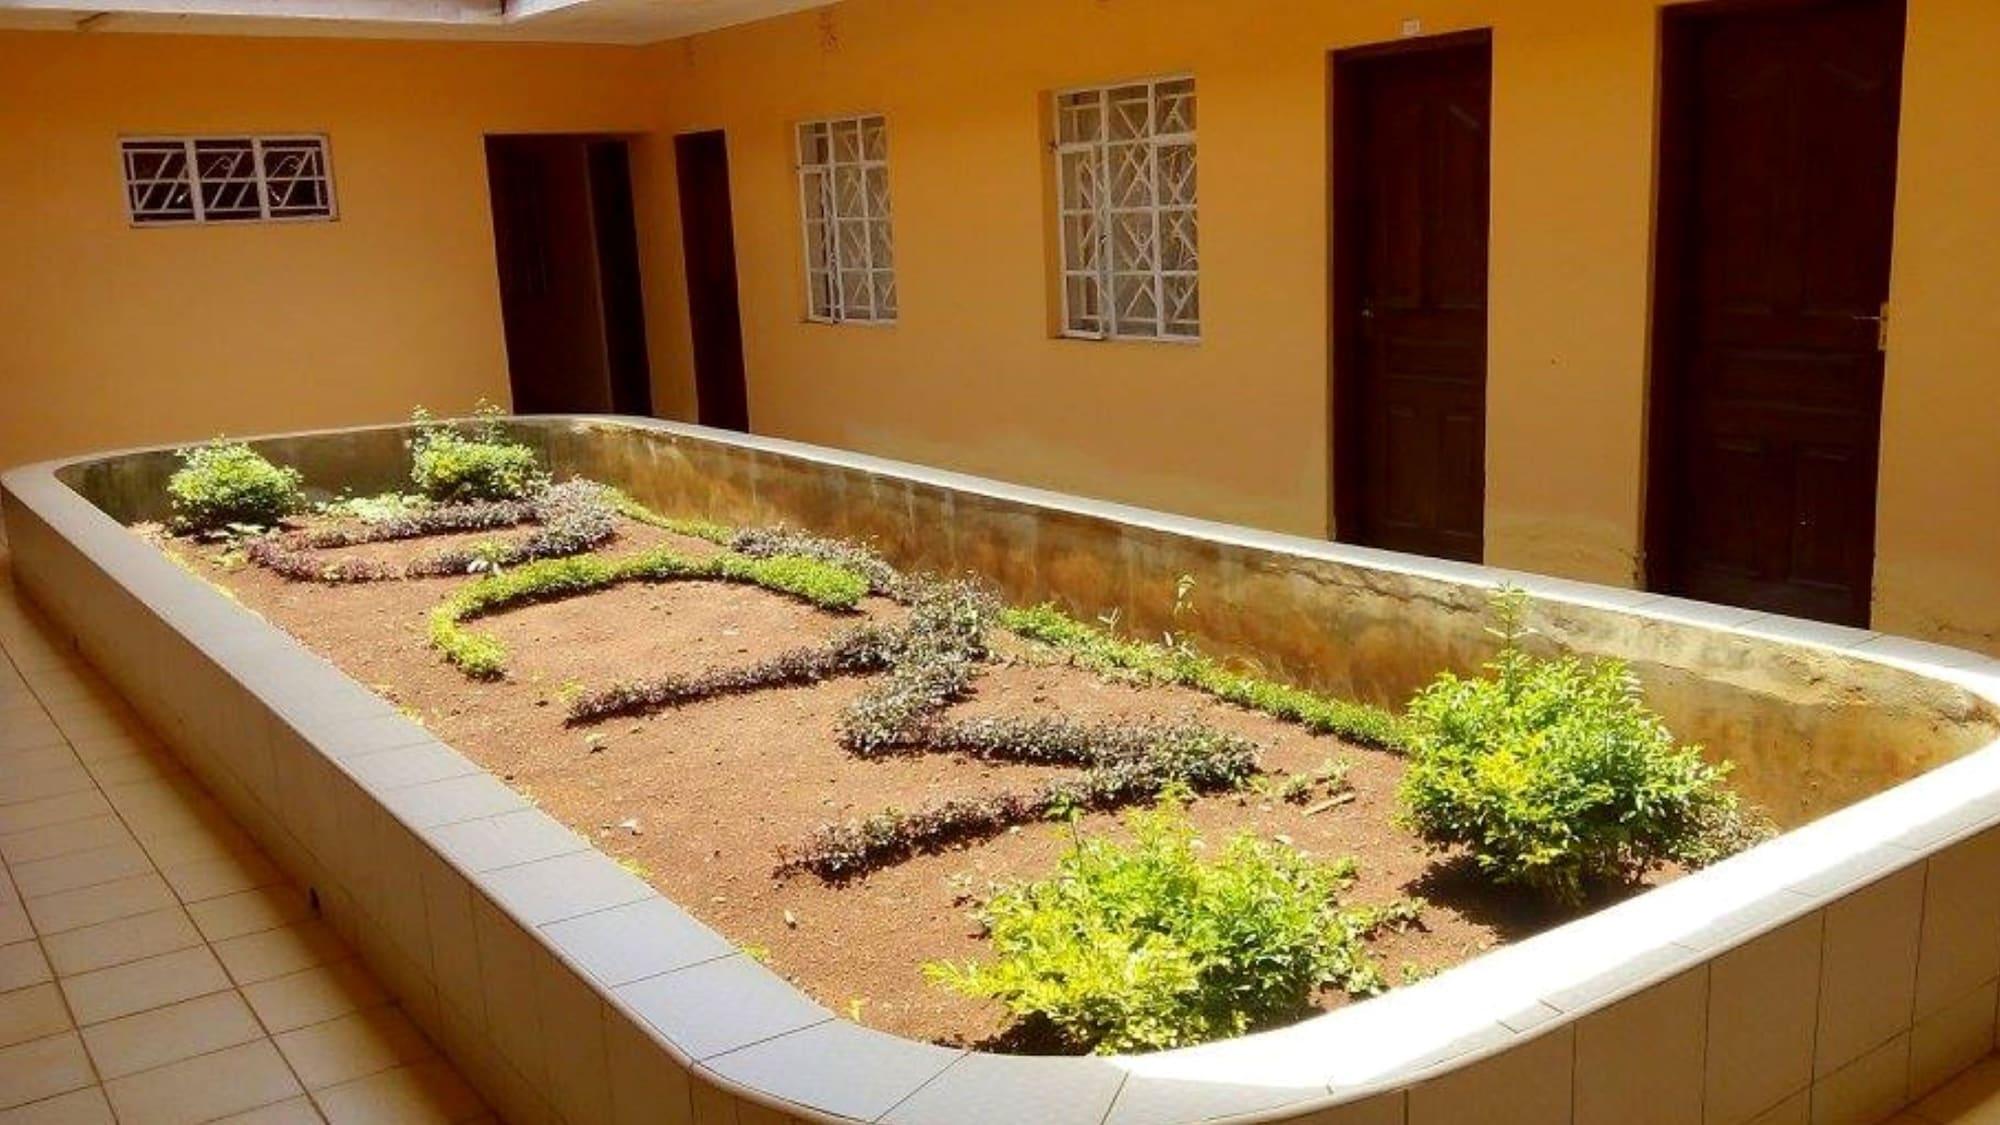 Diakonia Resort and Conference Centre, Kabondo Kasipul